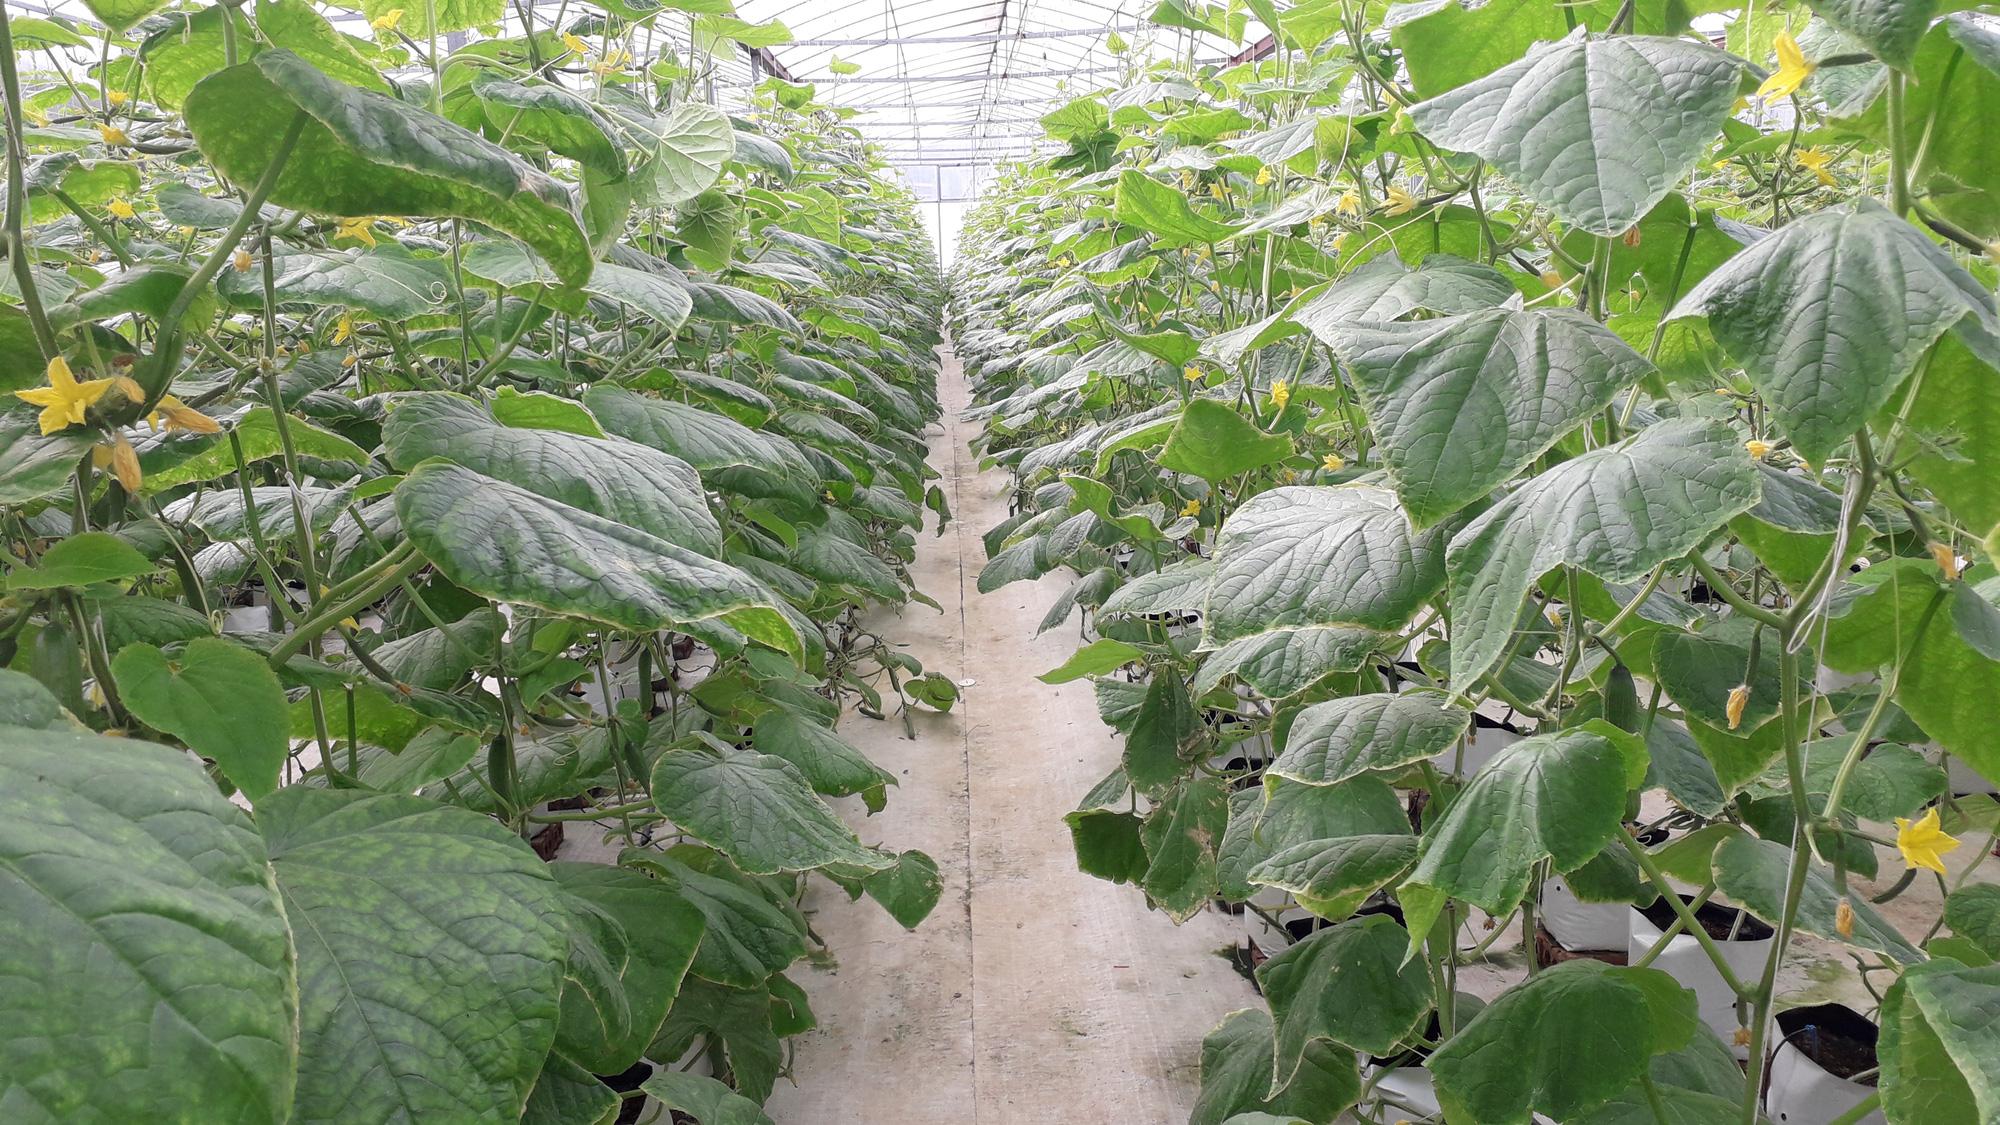 Thái Nguyên hỗ trợ gần 71 tỷ đồng cho sản xuất nông nghiệp - Ảnh 1.